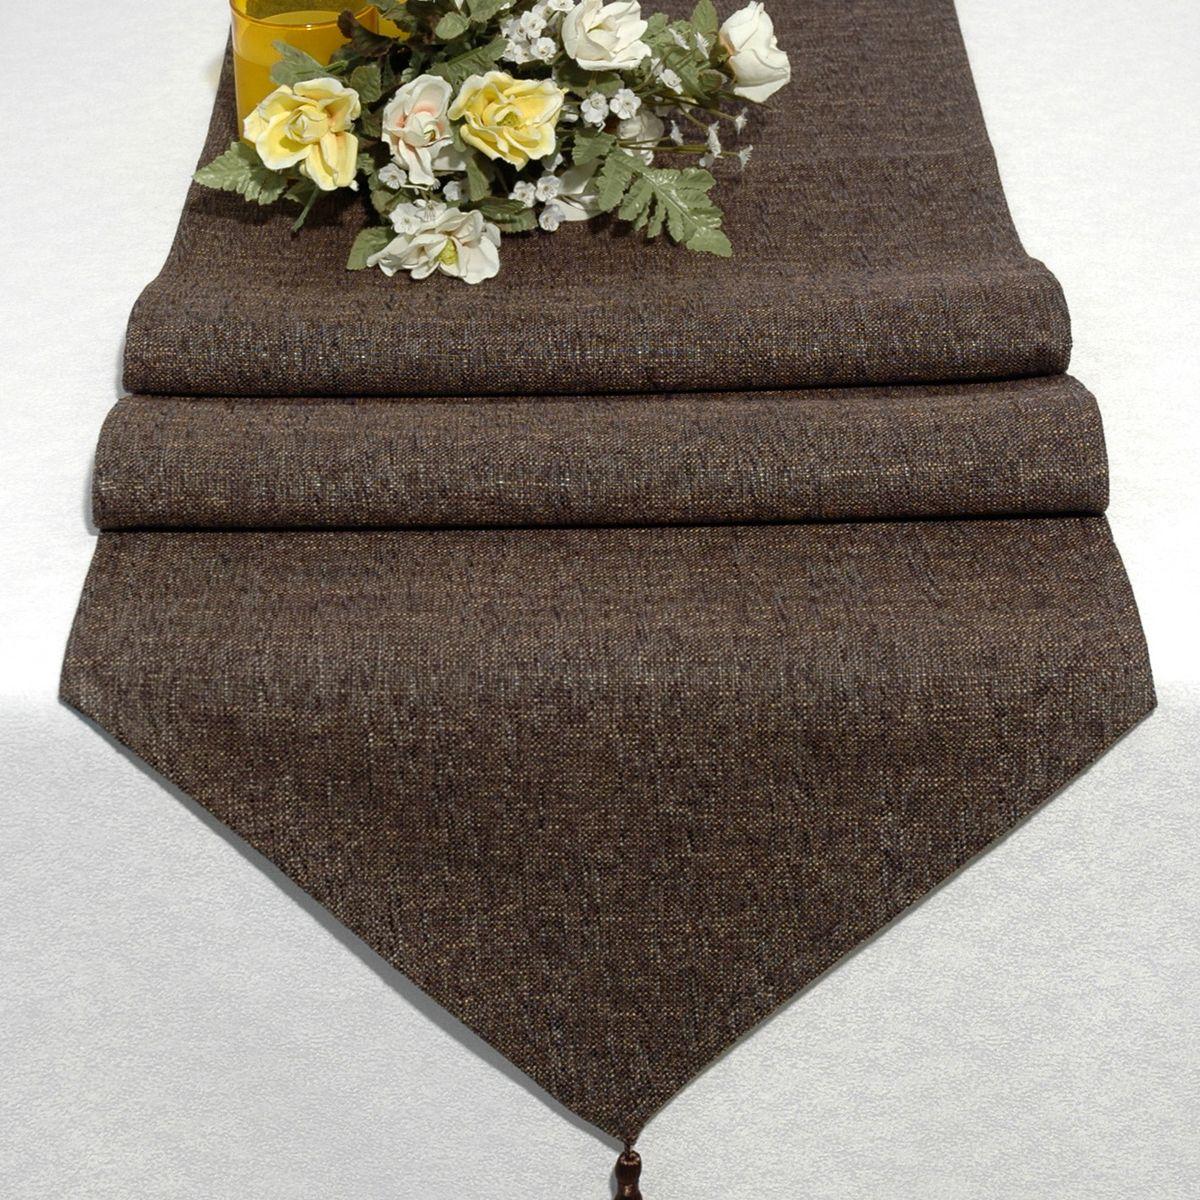 Дорожка для декорирования стола Schaefer, 40x160 см. 06749-25406749-254